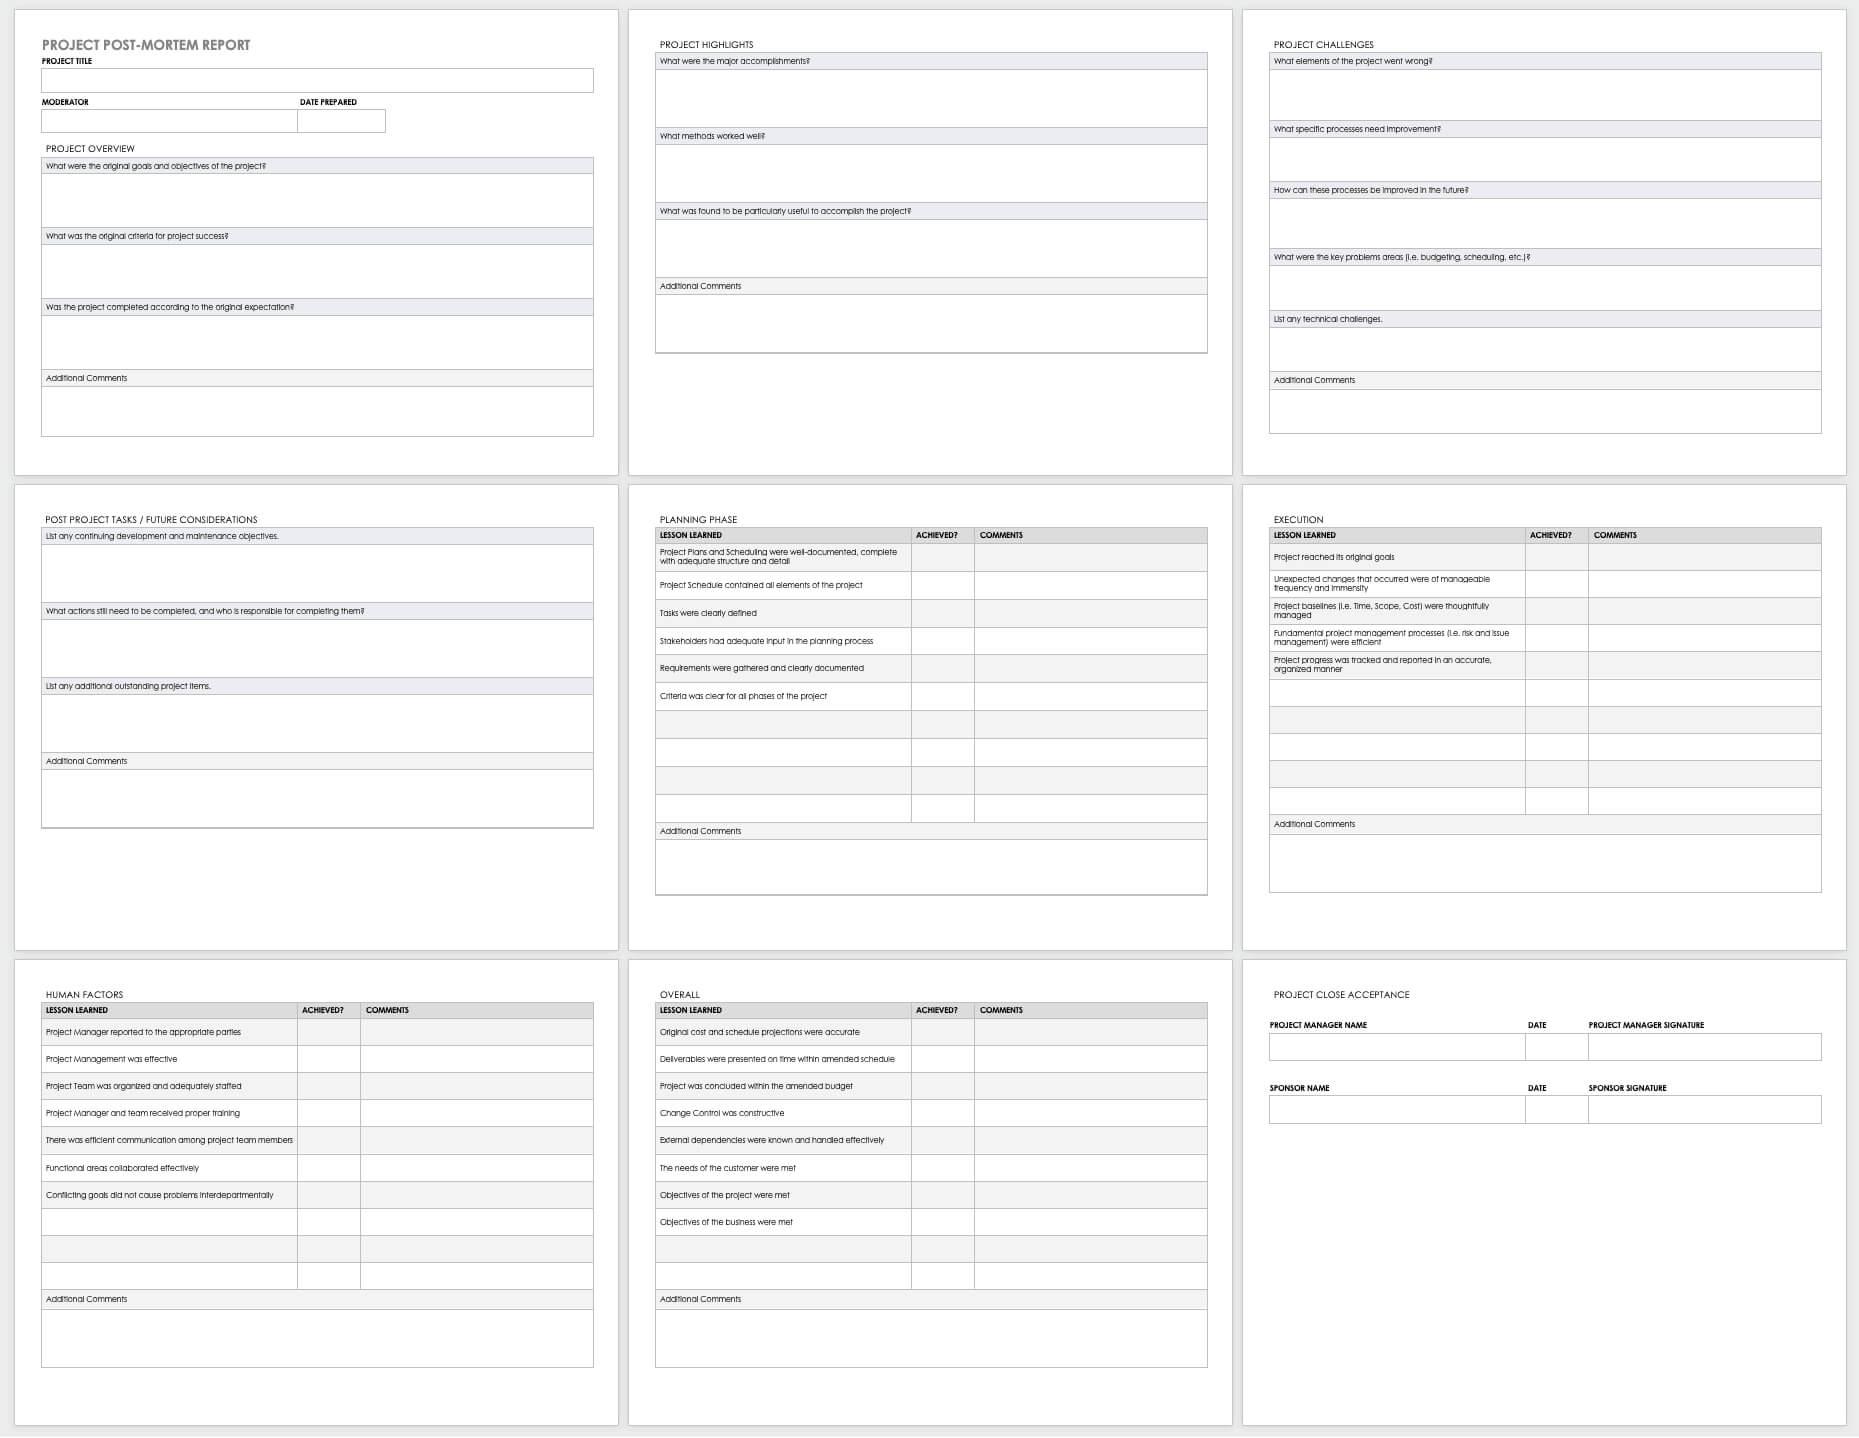 Free Project Report Templates | Smartsheet regarding Post Mortem Template Powerpoint